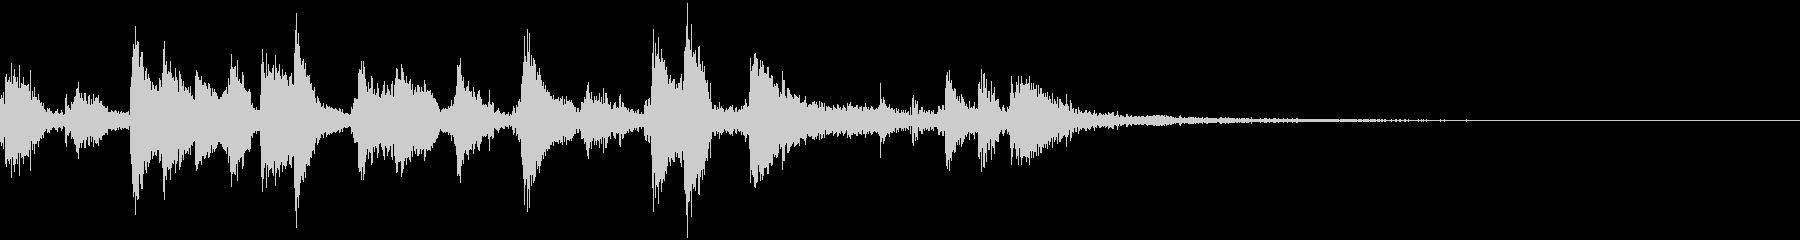 10秒動画用~ピアノとギターのボサ~の未再生の波形